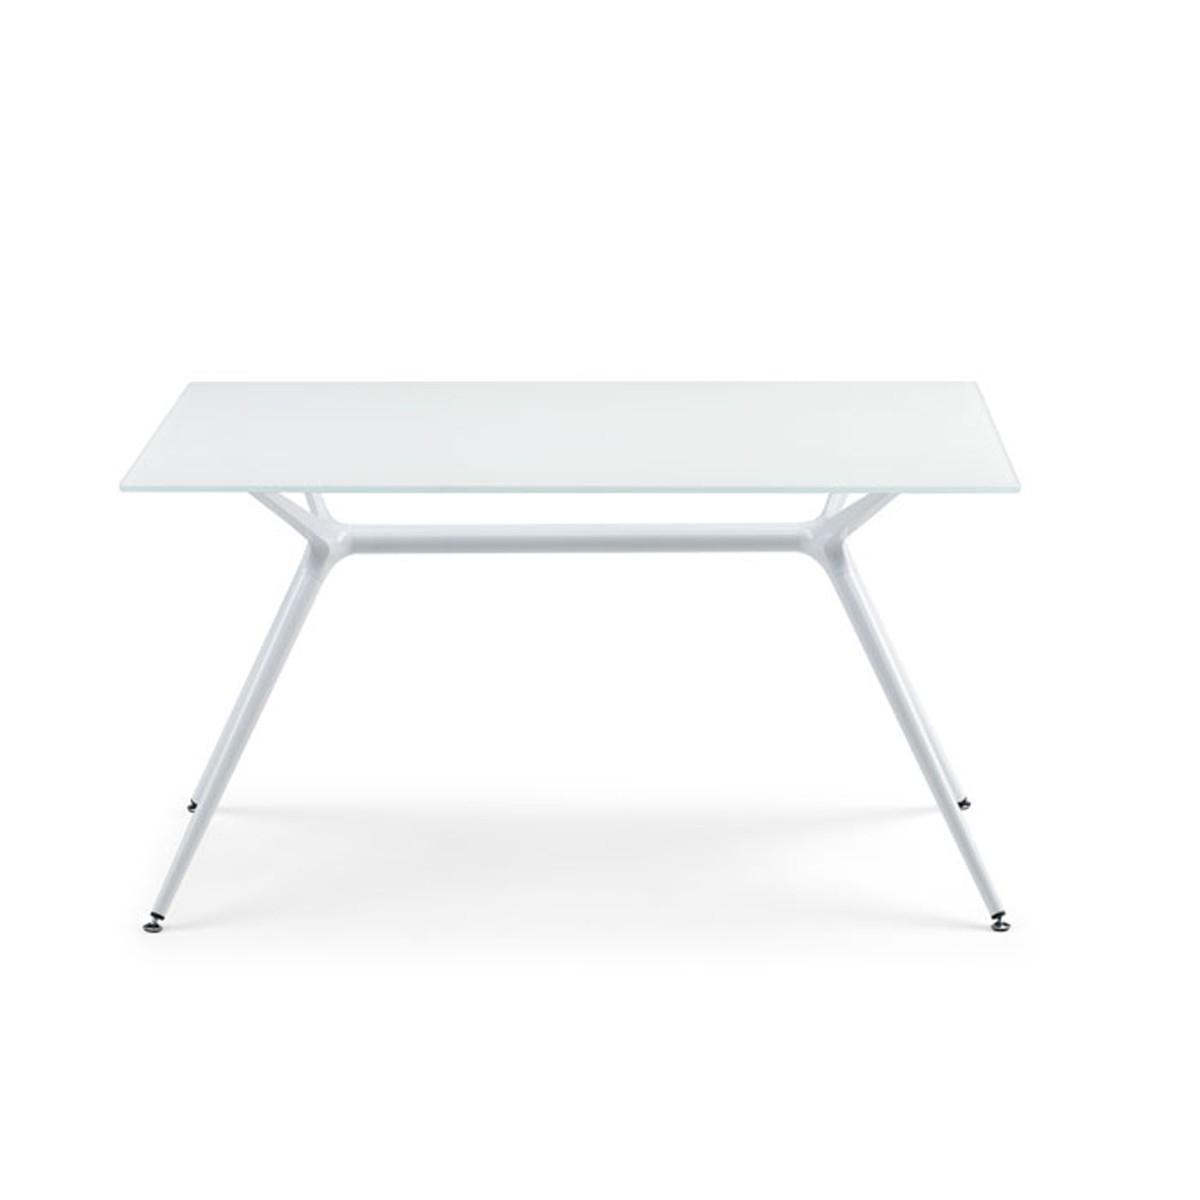 Art.TV04 - Tavolo con piano e struttura in bianco, disponibile in altre colorazioni. (SCAB)